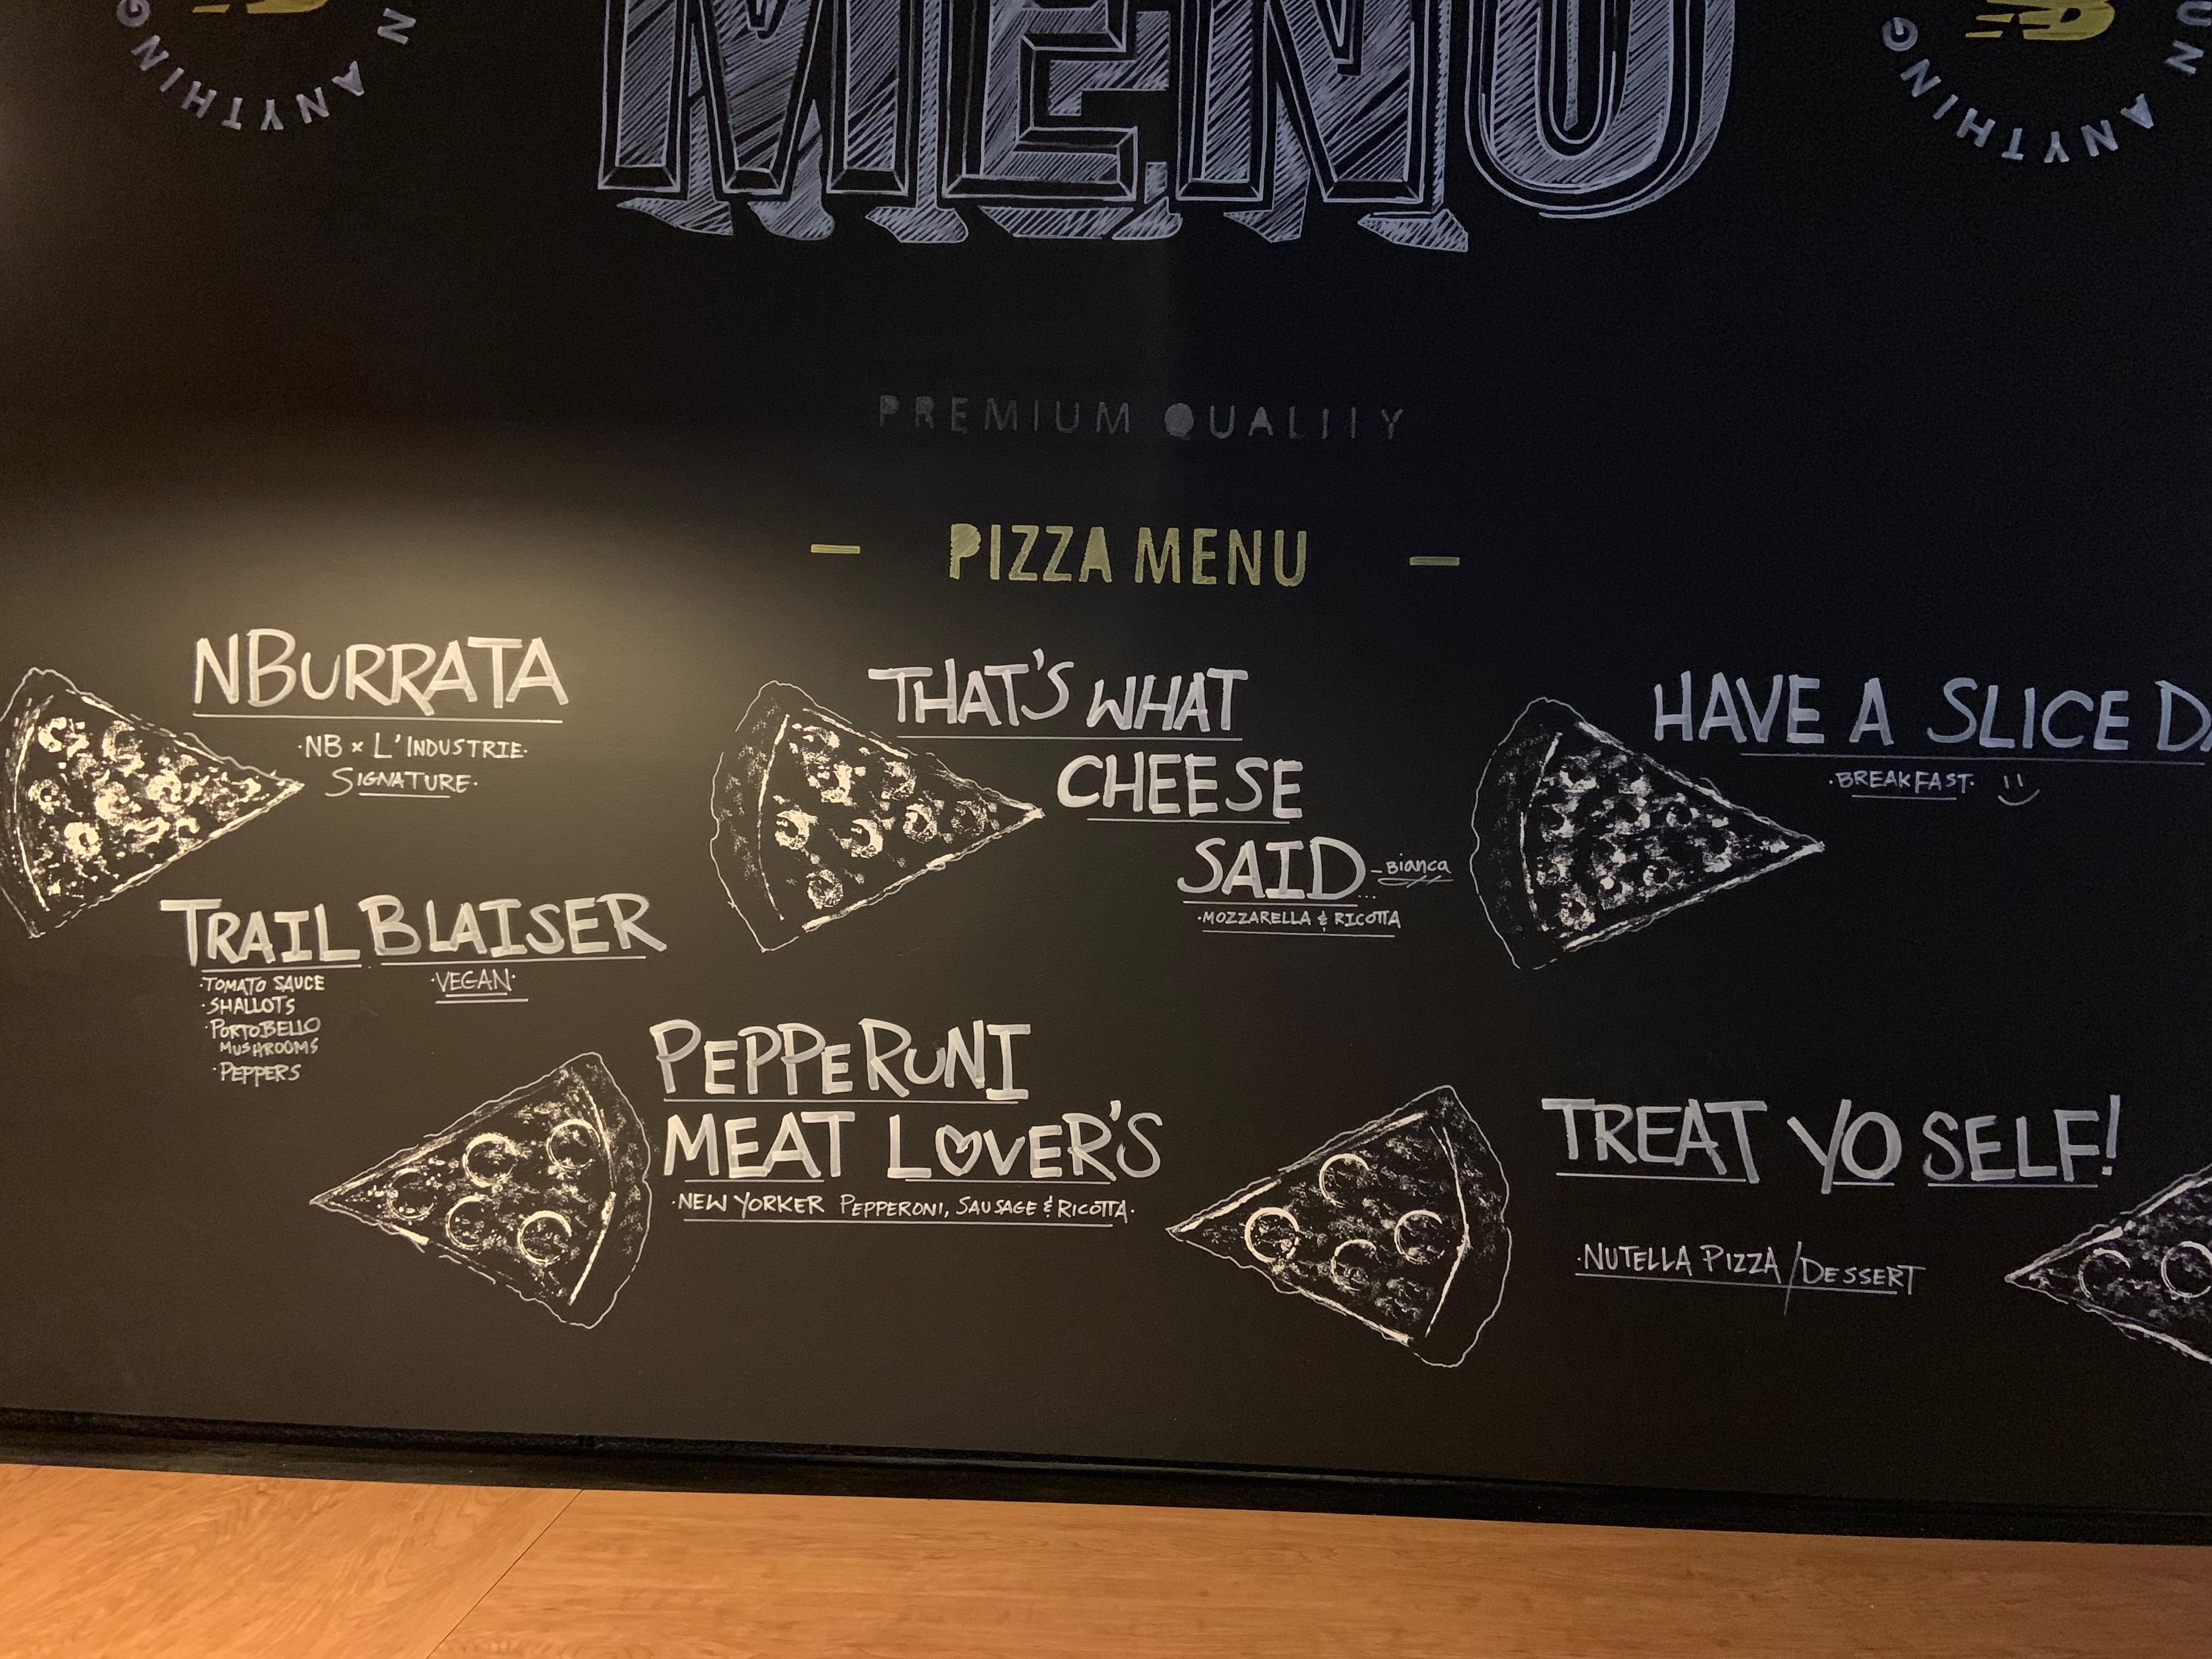 A pizza menu drawn in chalk on a chalkboard.